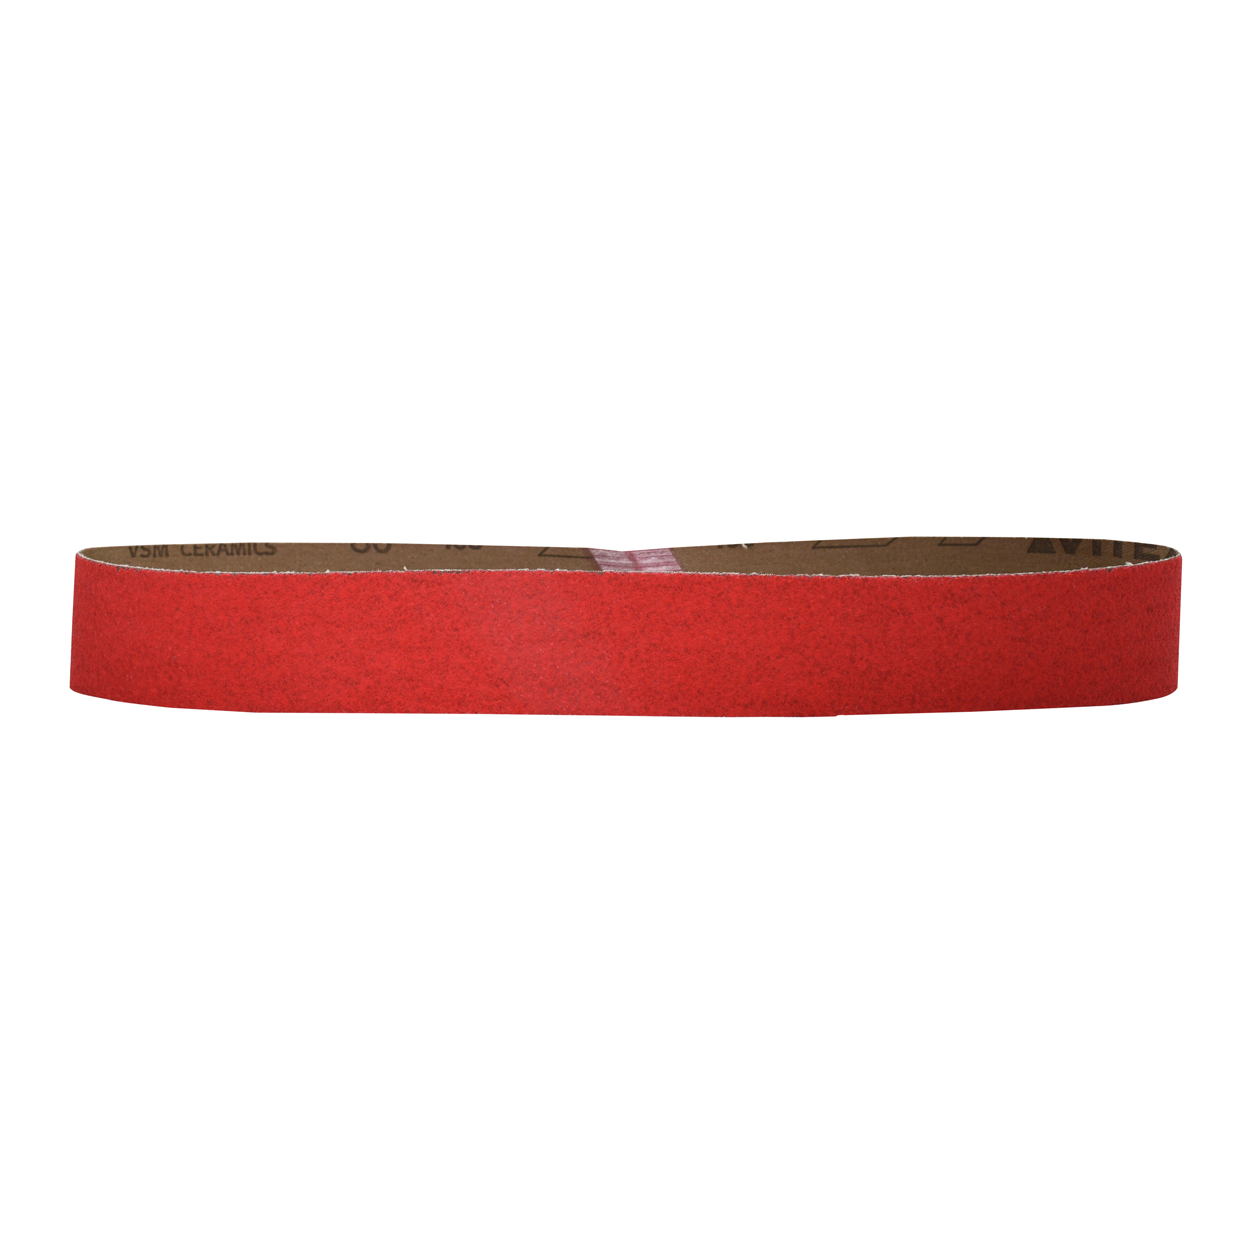 bast-ing-schleifband-schleiferl-premium-700010